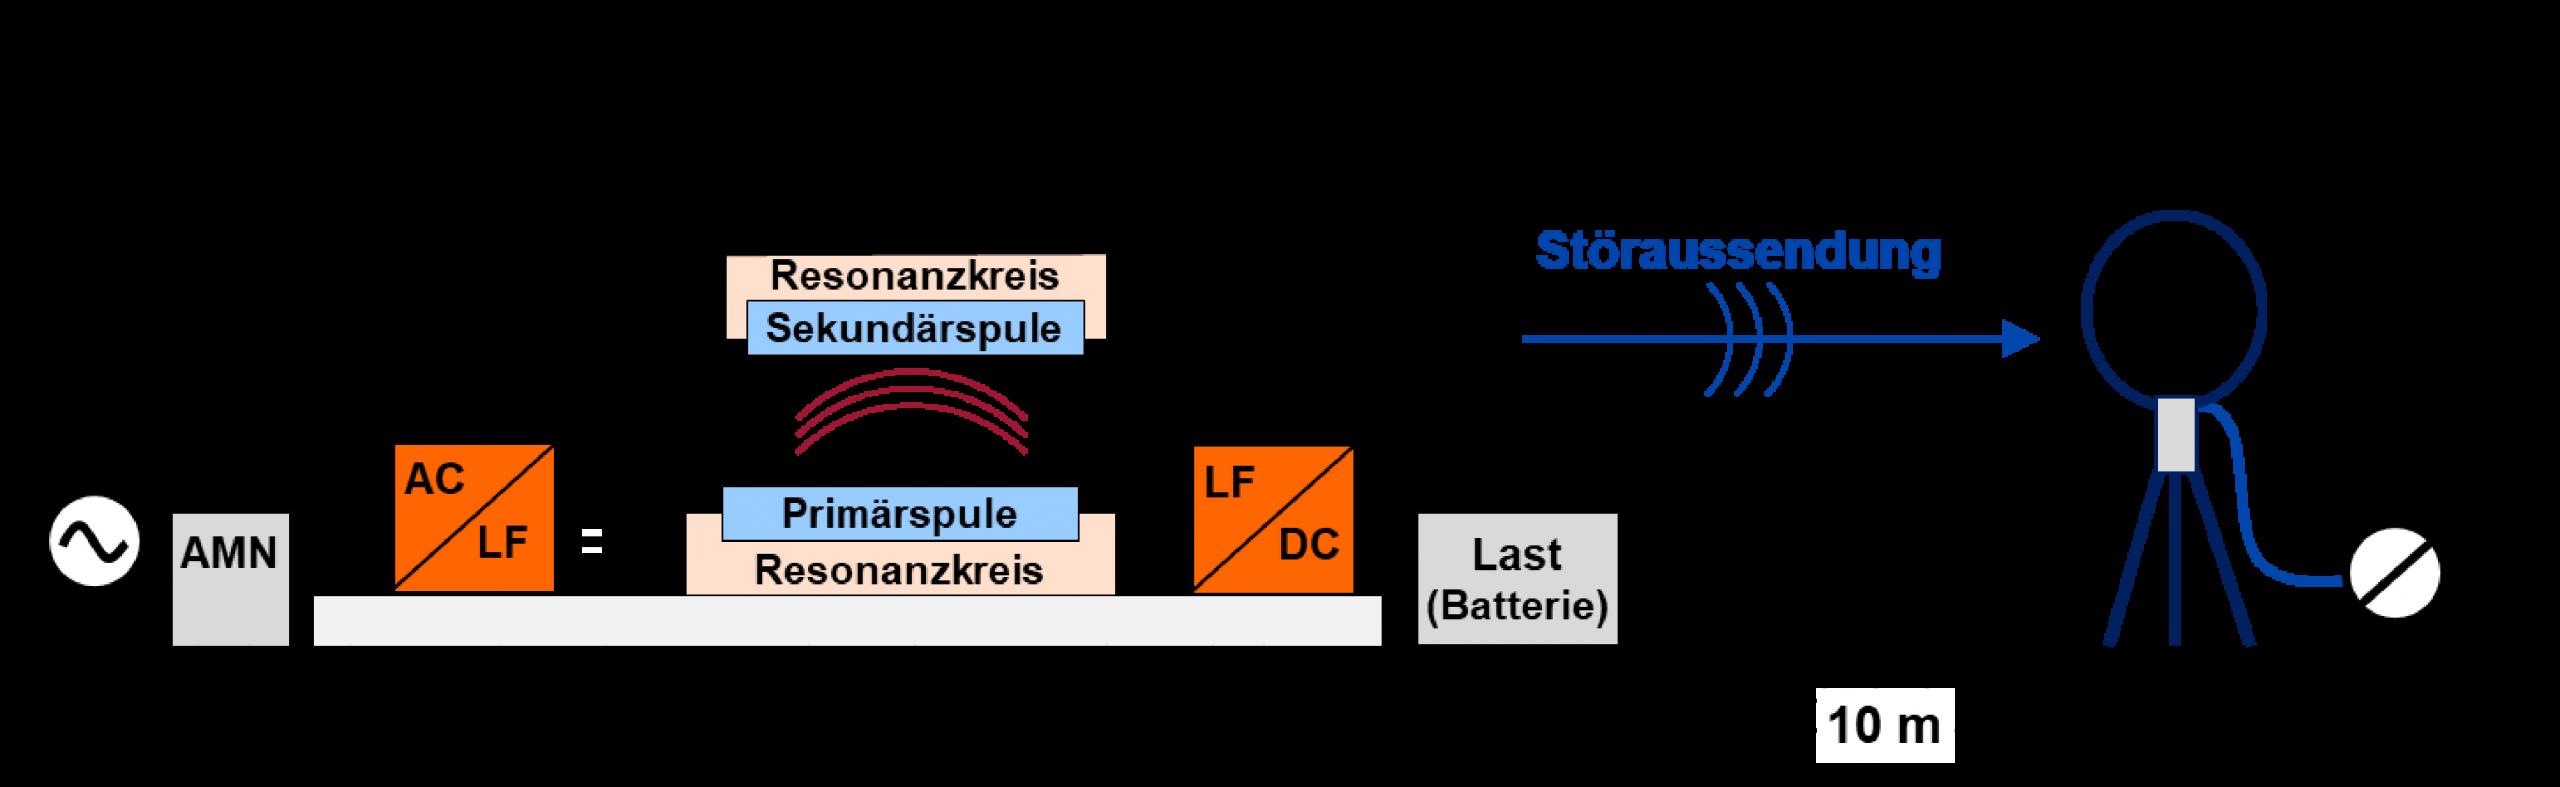 Veranschaulichung eines induktiven Ladesystems - Wireless Charging